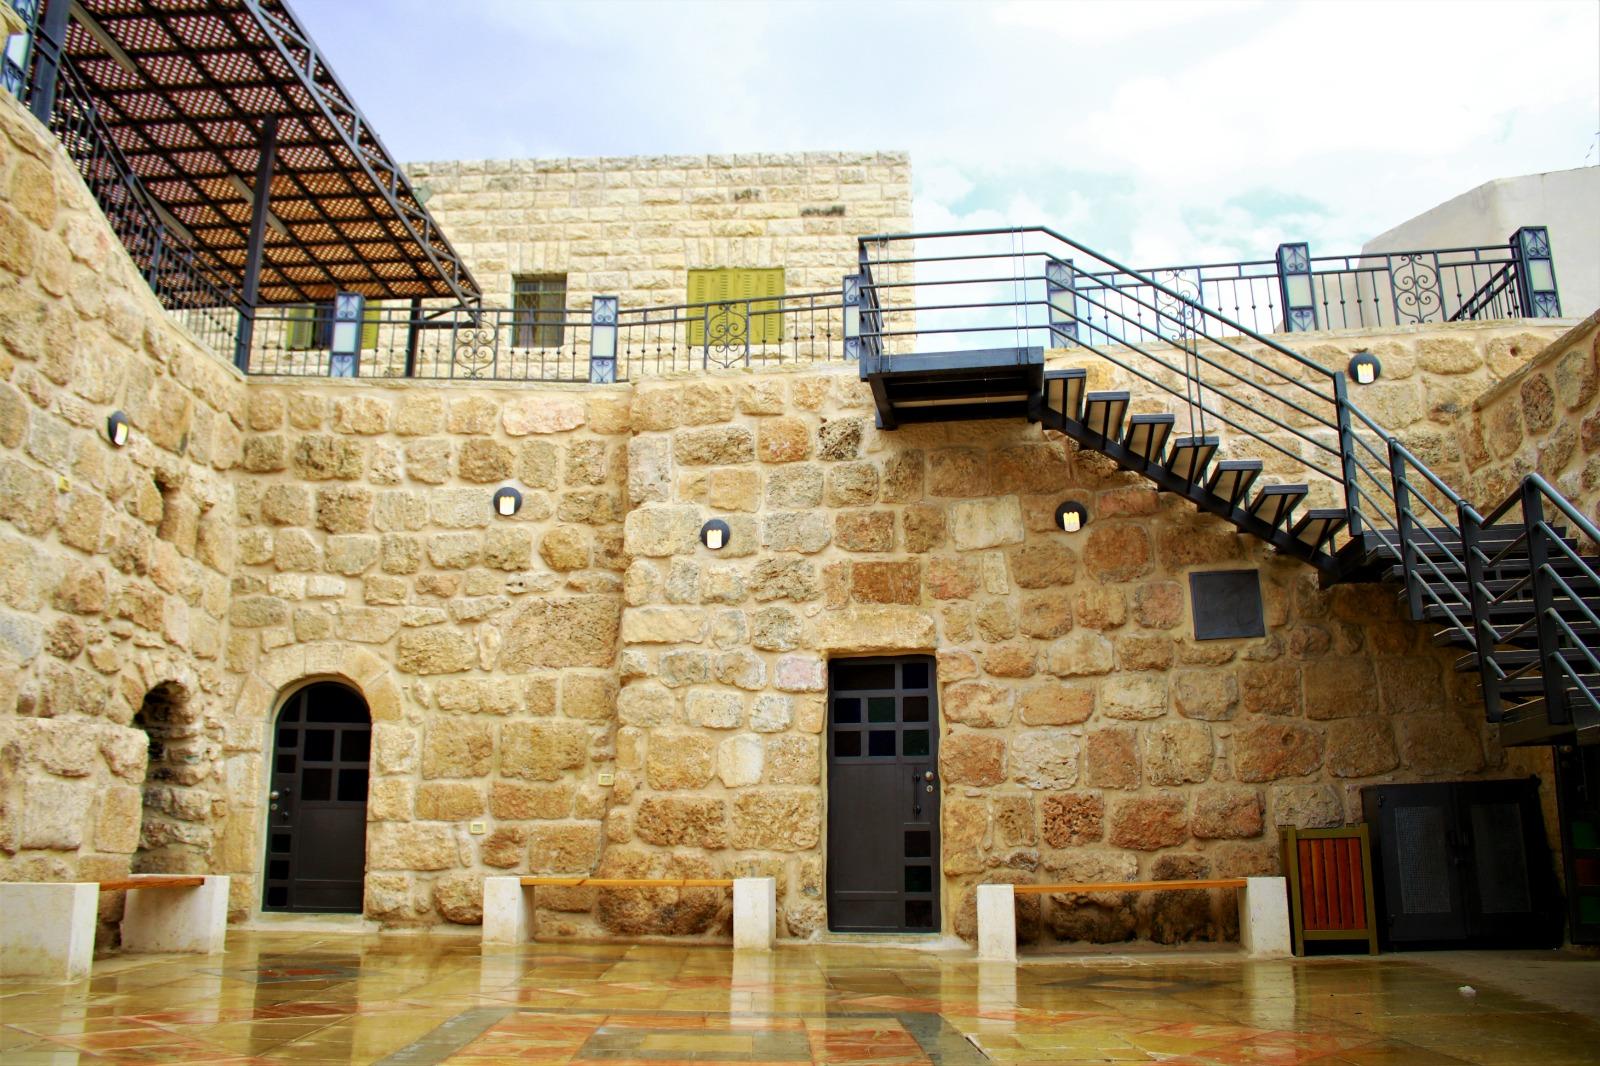 البرنامج أسهم في جذب الفلسطينيين إلى المراكز التاريخية (اندبندنت عربية)